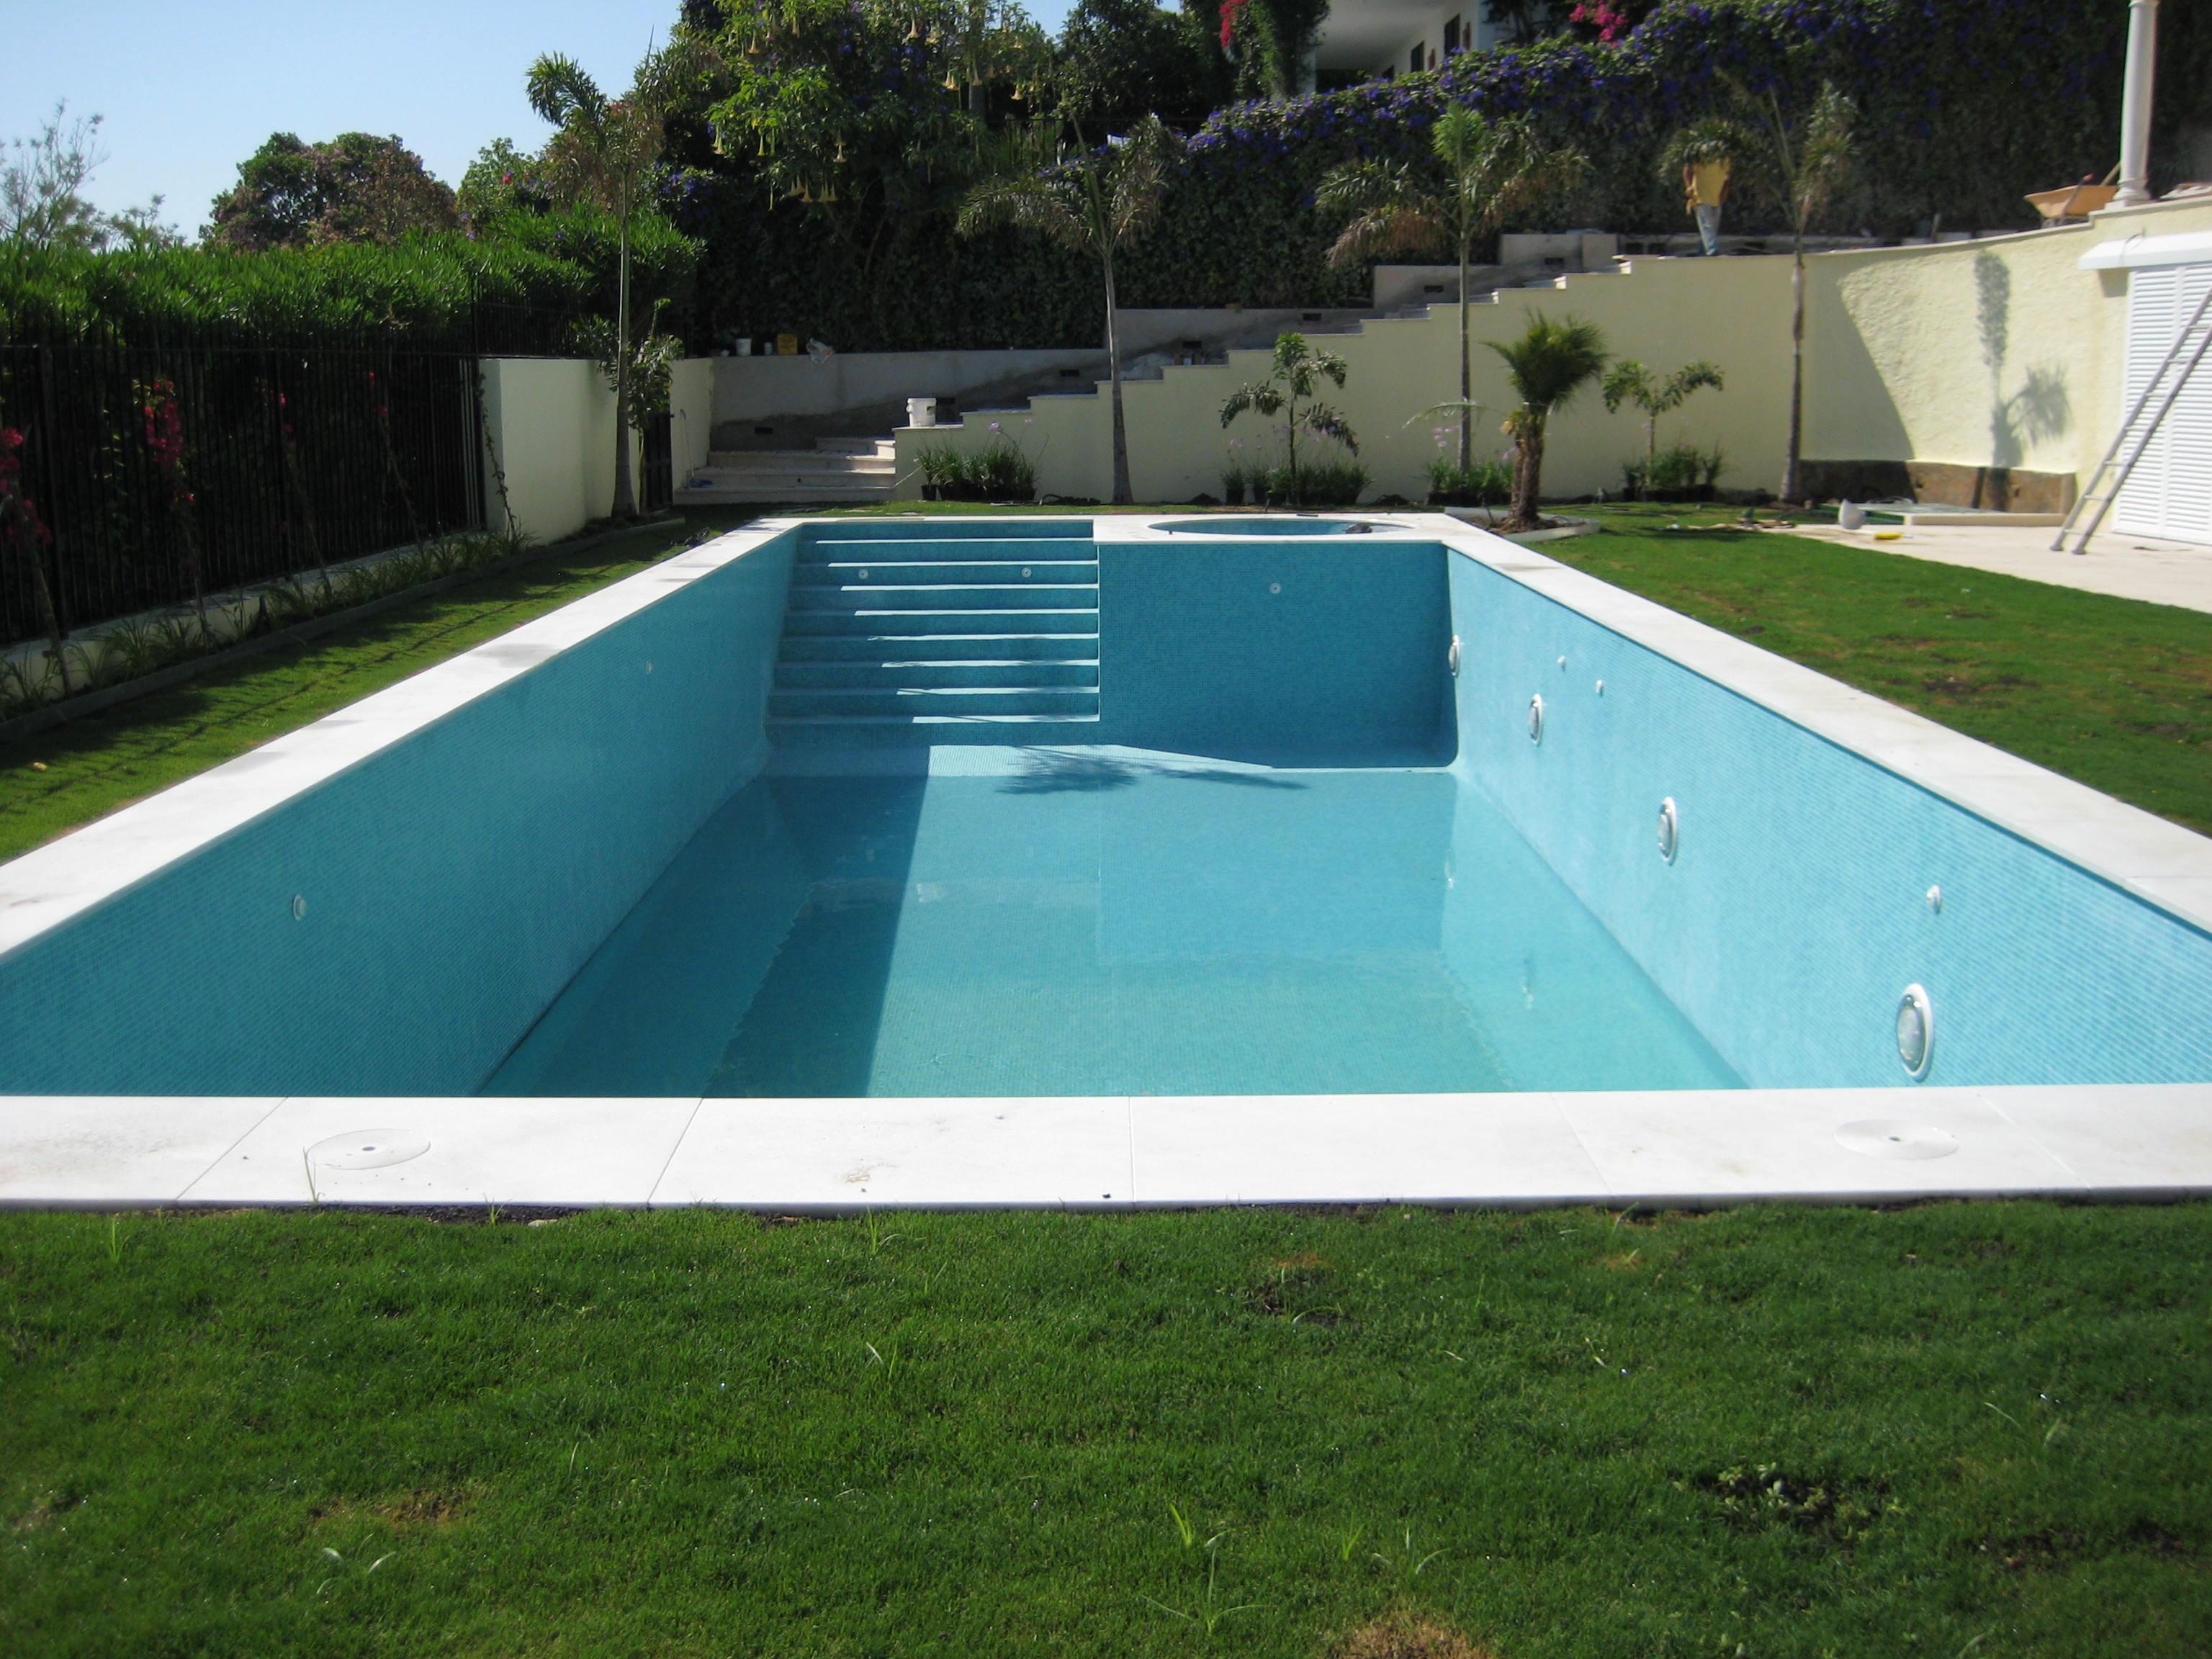 piscina marbella proyectos reformas piscinas